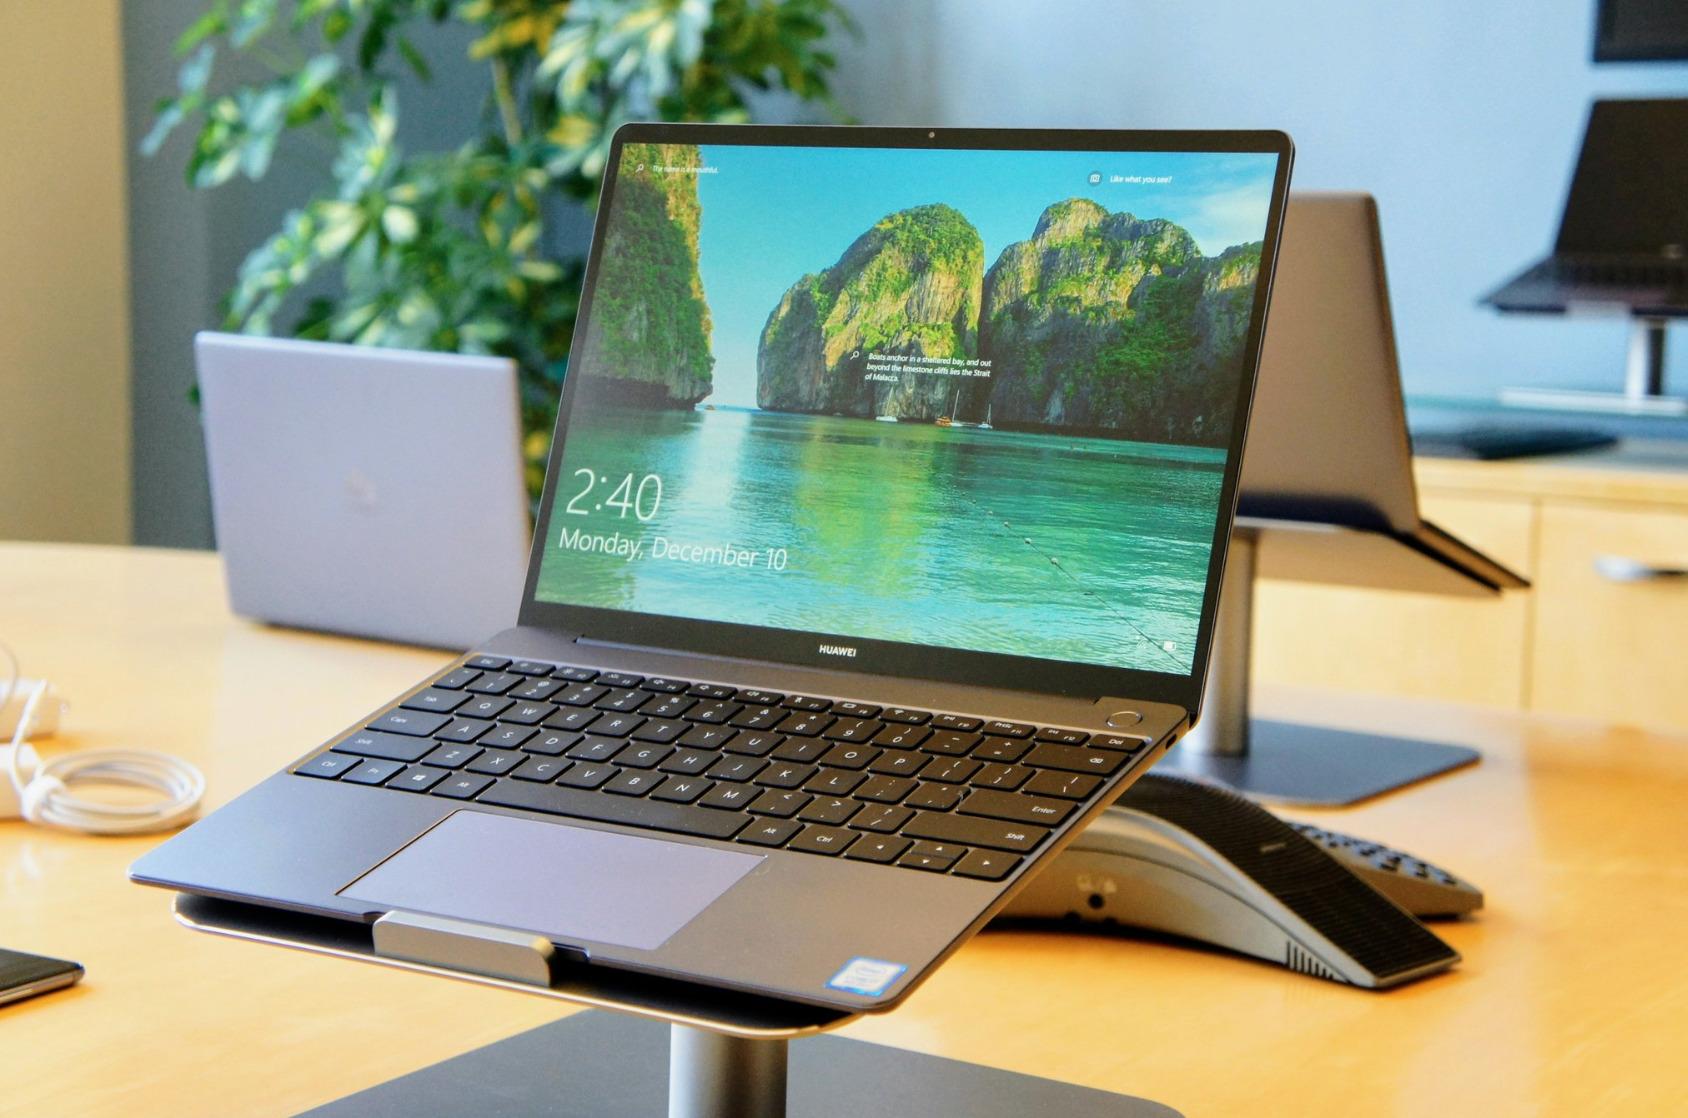 Huawei Matebook 13 : un « vrai air » de MacBook Air (le prix en moins) présenté au CES 2019